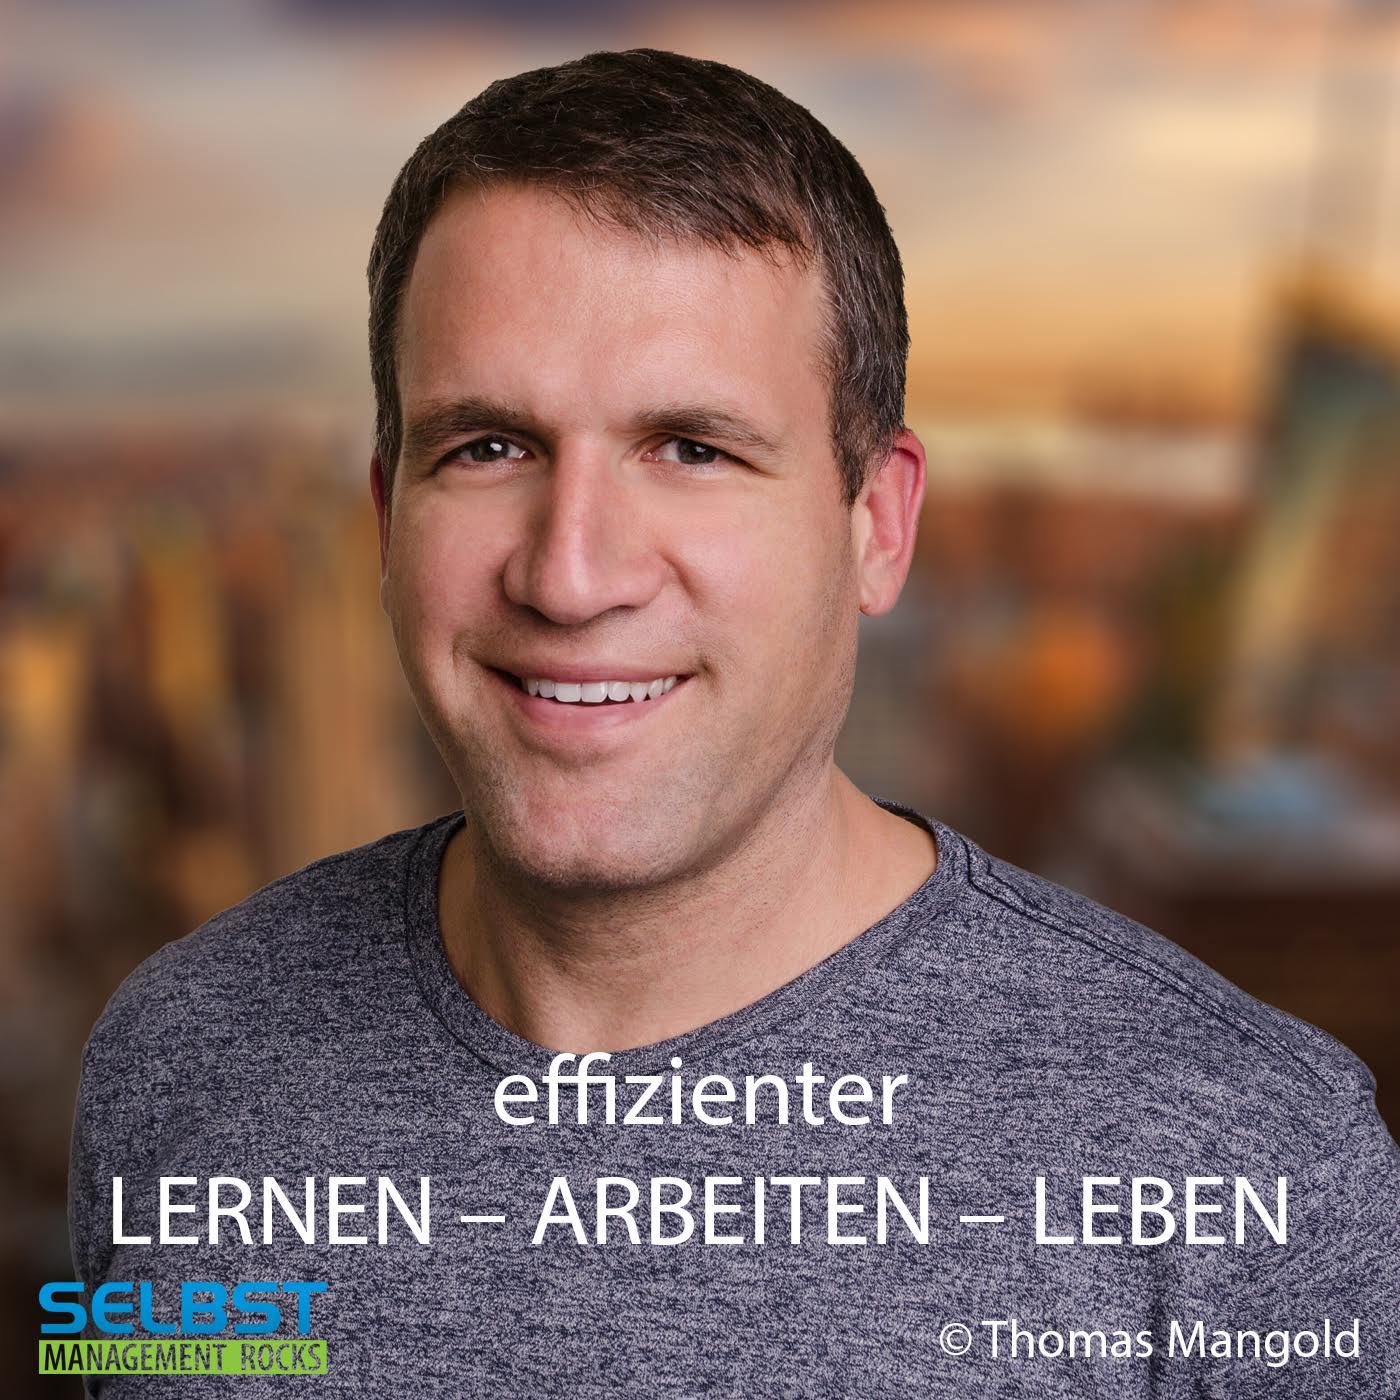 Effizienter-Lernen-Arbeiten-Leben - Podcast Werbung